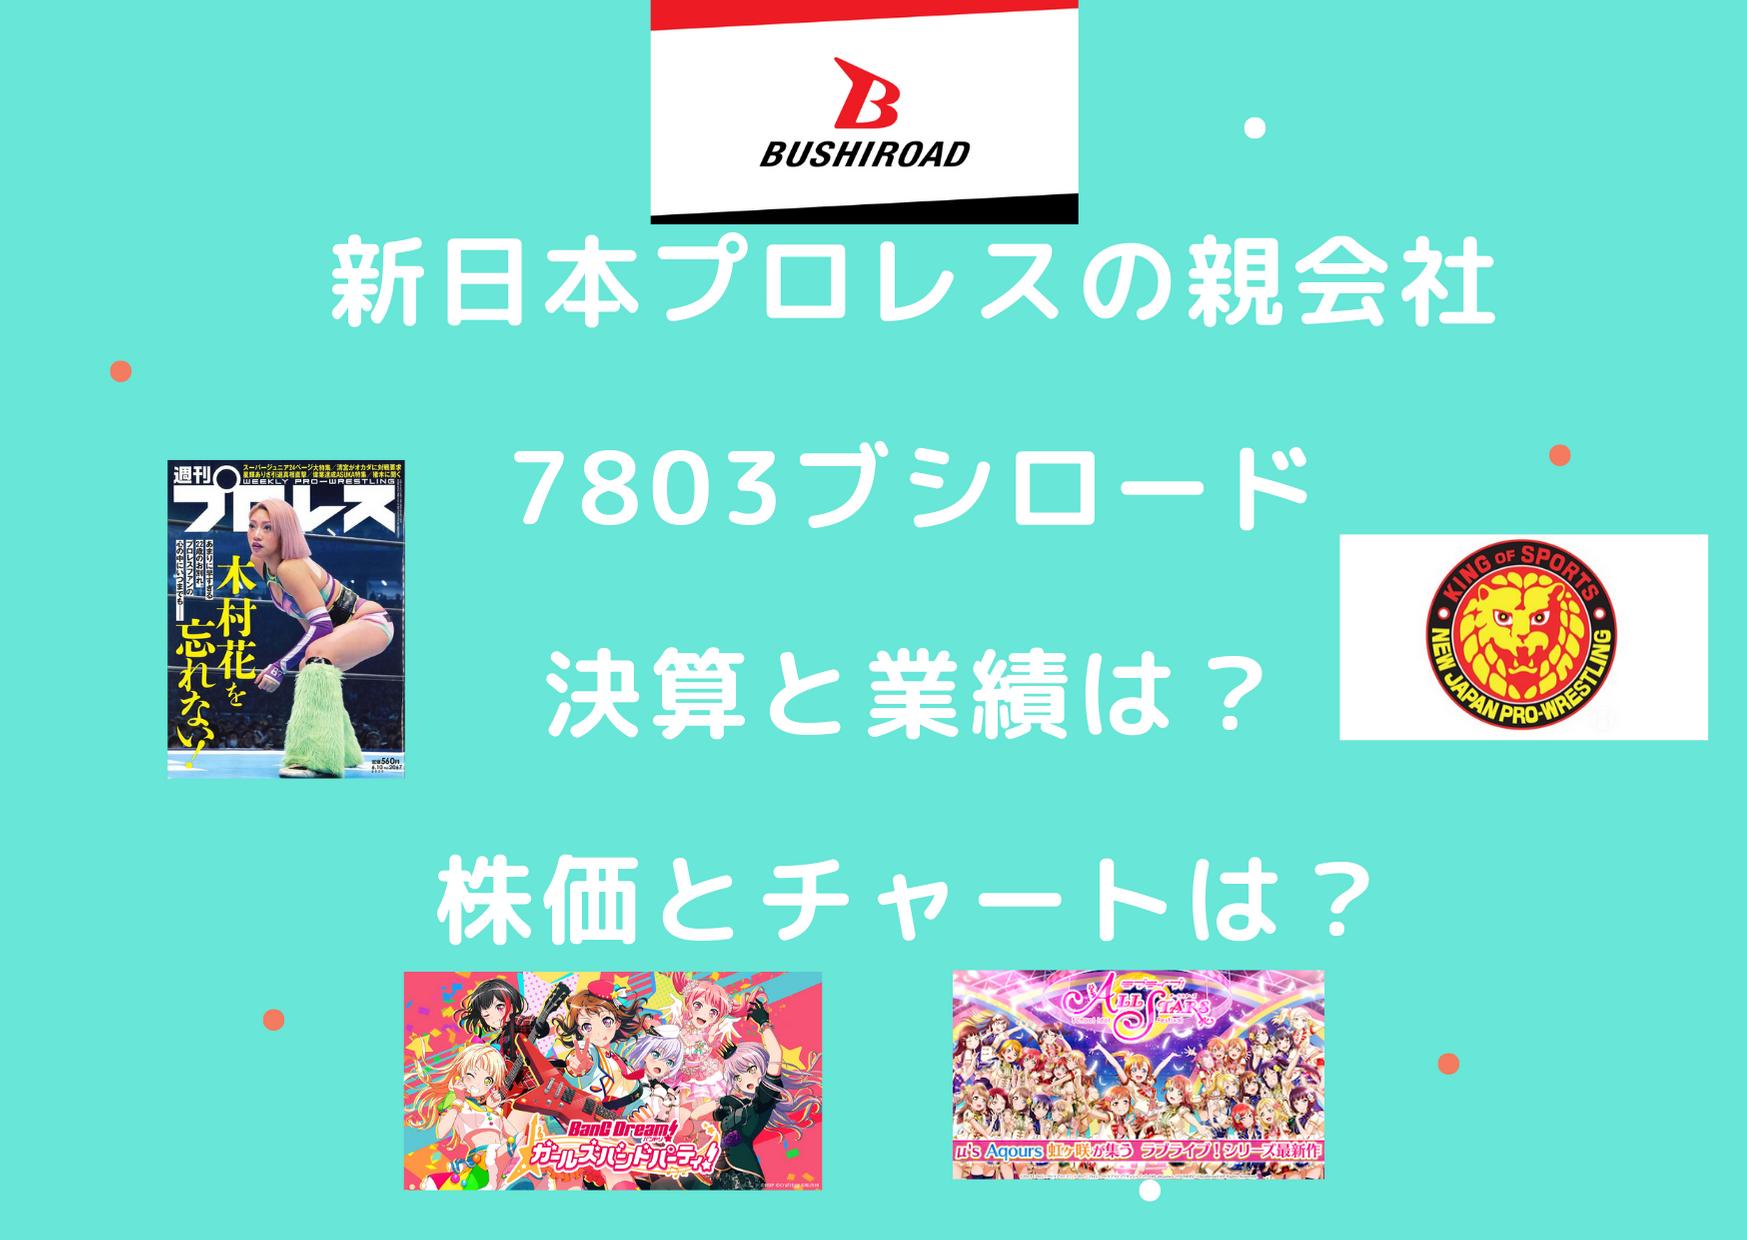 新日本プロレスの親会社7803ブシロード!決算と業績、株価とチャートは?